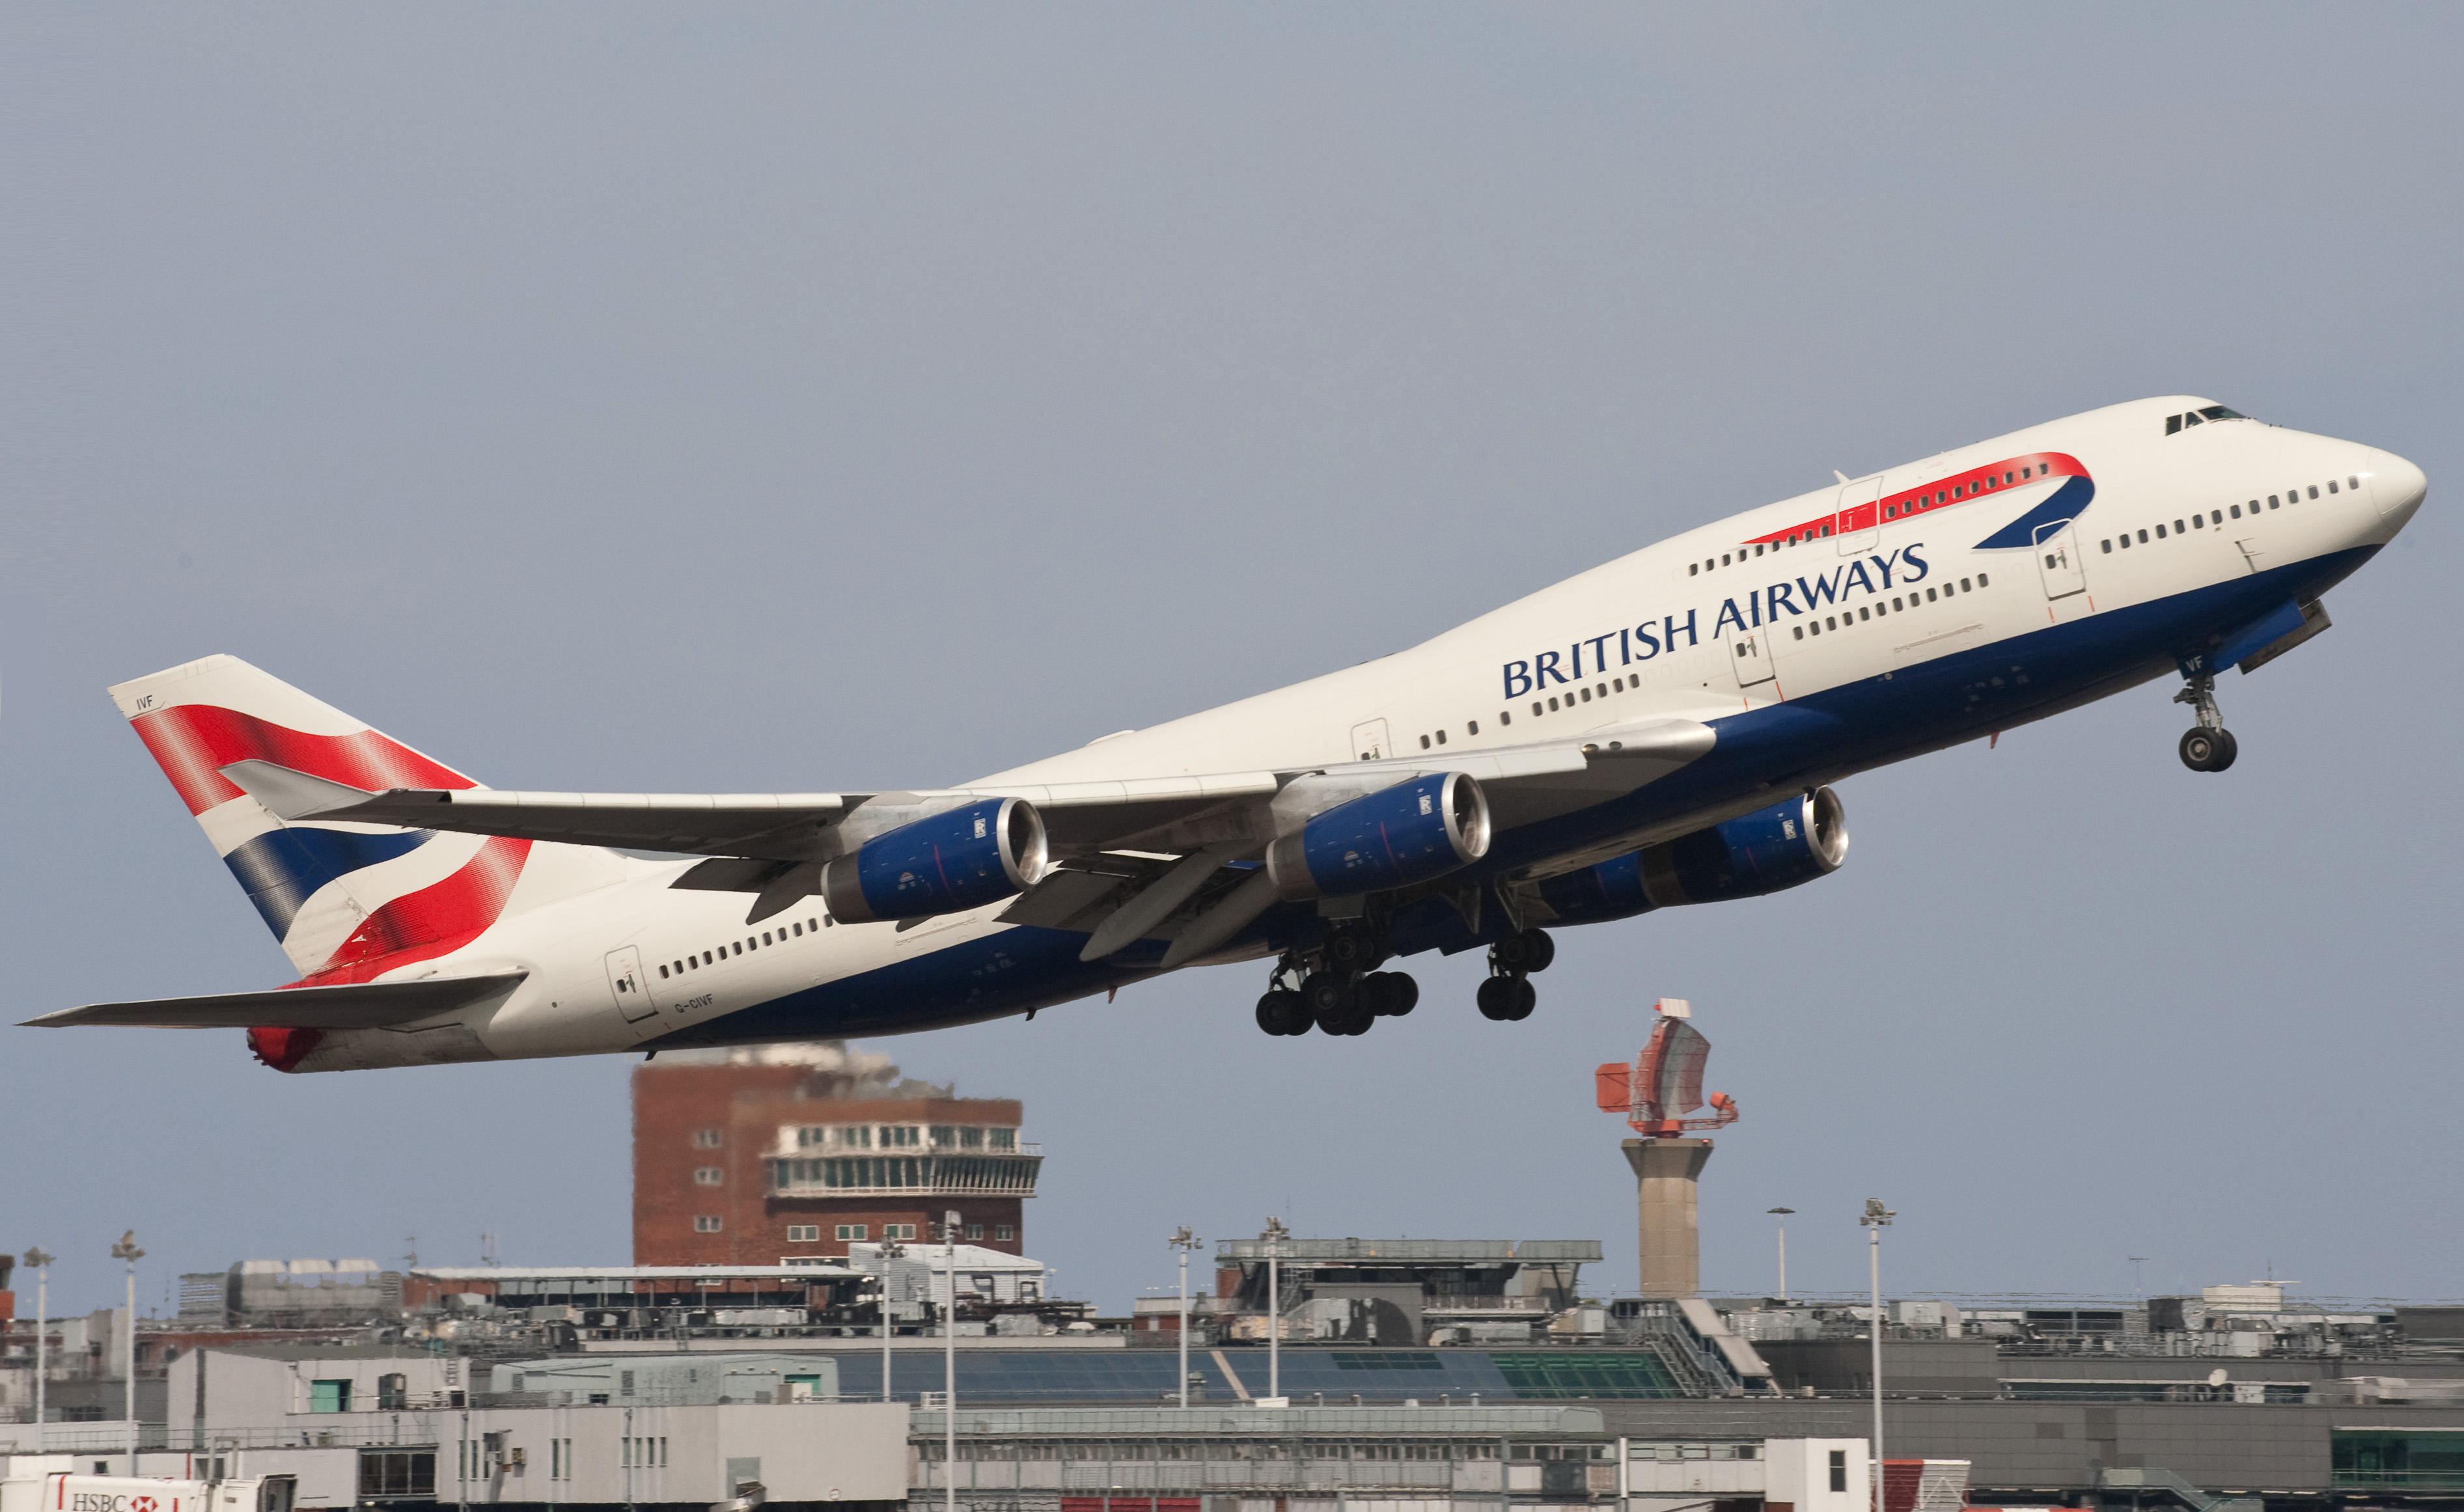 Passageiro clandestino cai de avião em Londres